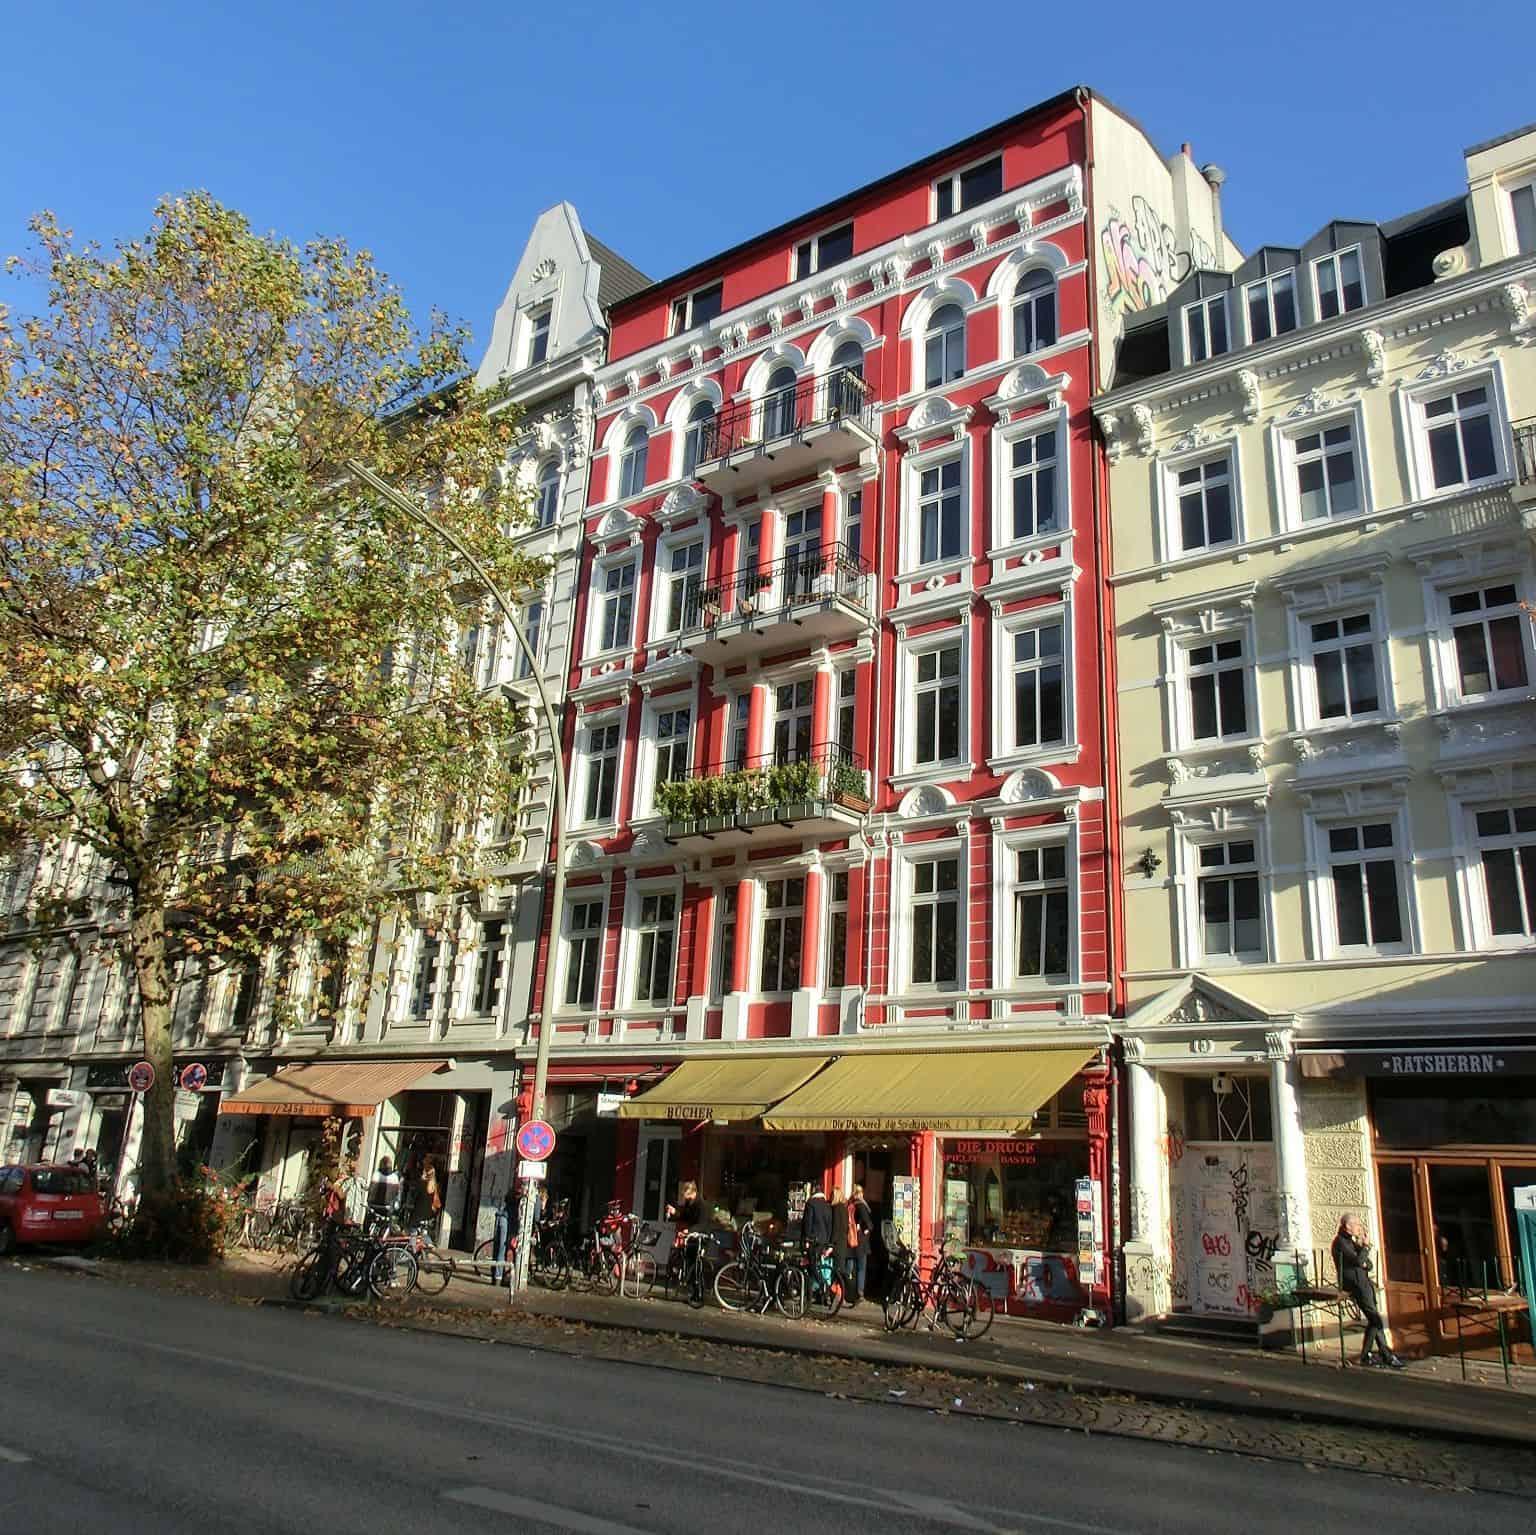 Schanzenviertel - Schulterblatt